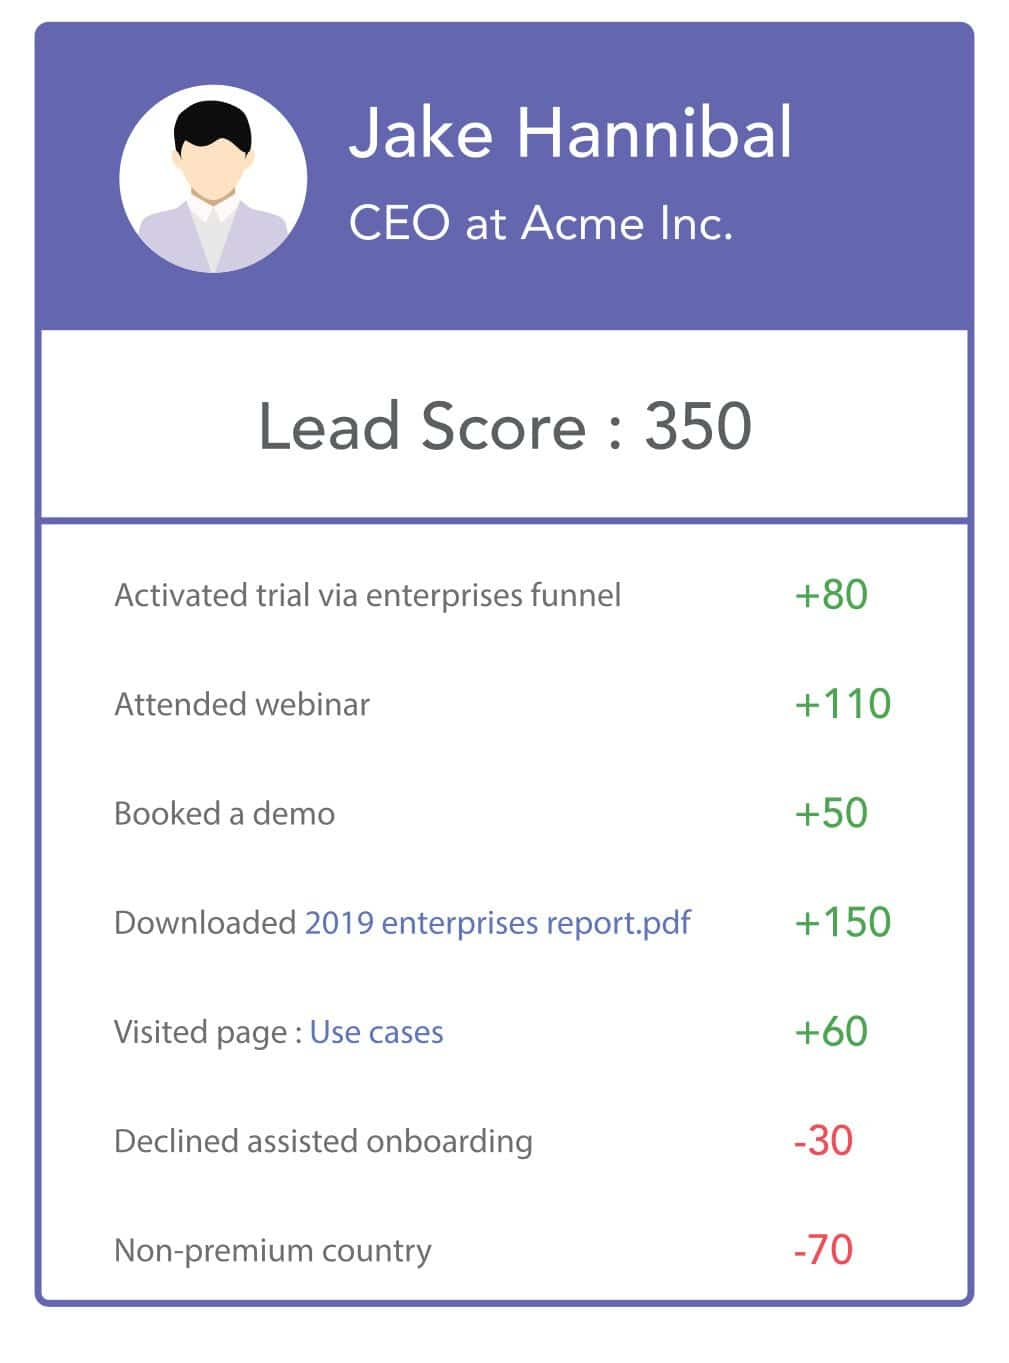 Rule-based lead scoring